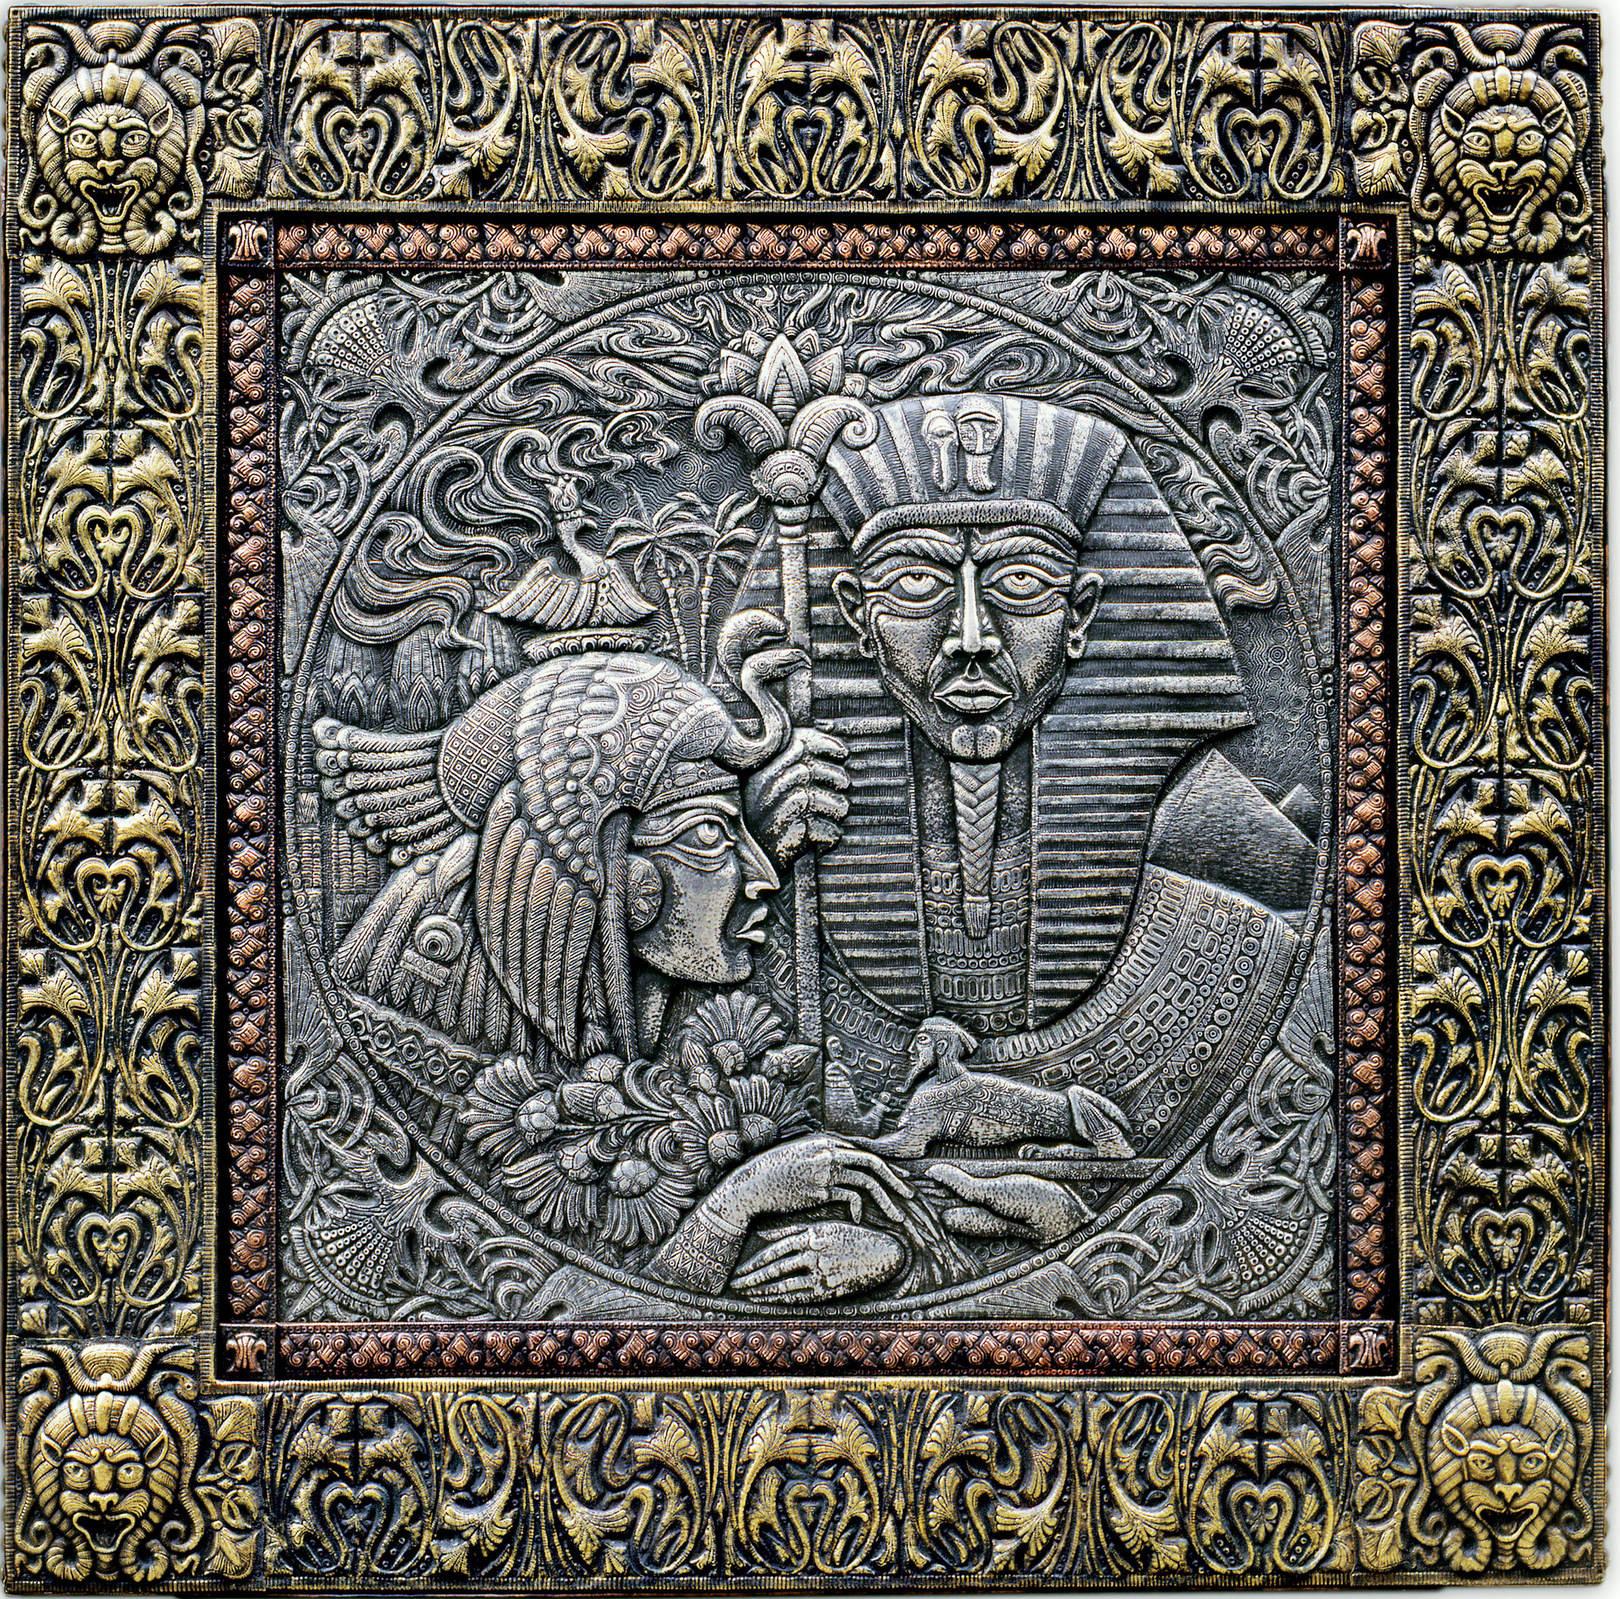 Фараон и принцесса (панно)  1992 г.                                                                                                                                                    Алюминий, медь, латунь; чернение  92 х92 см